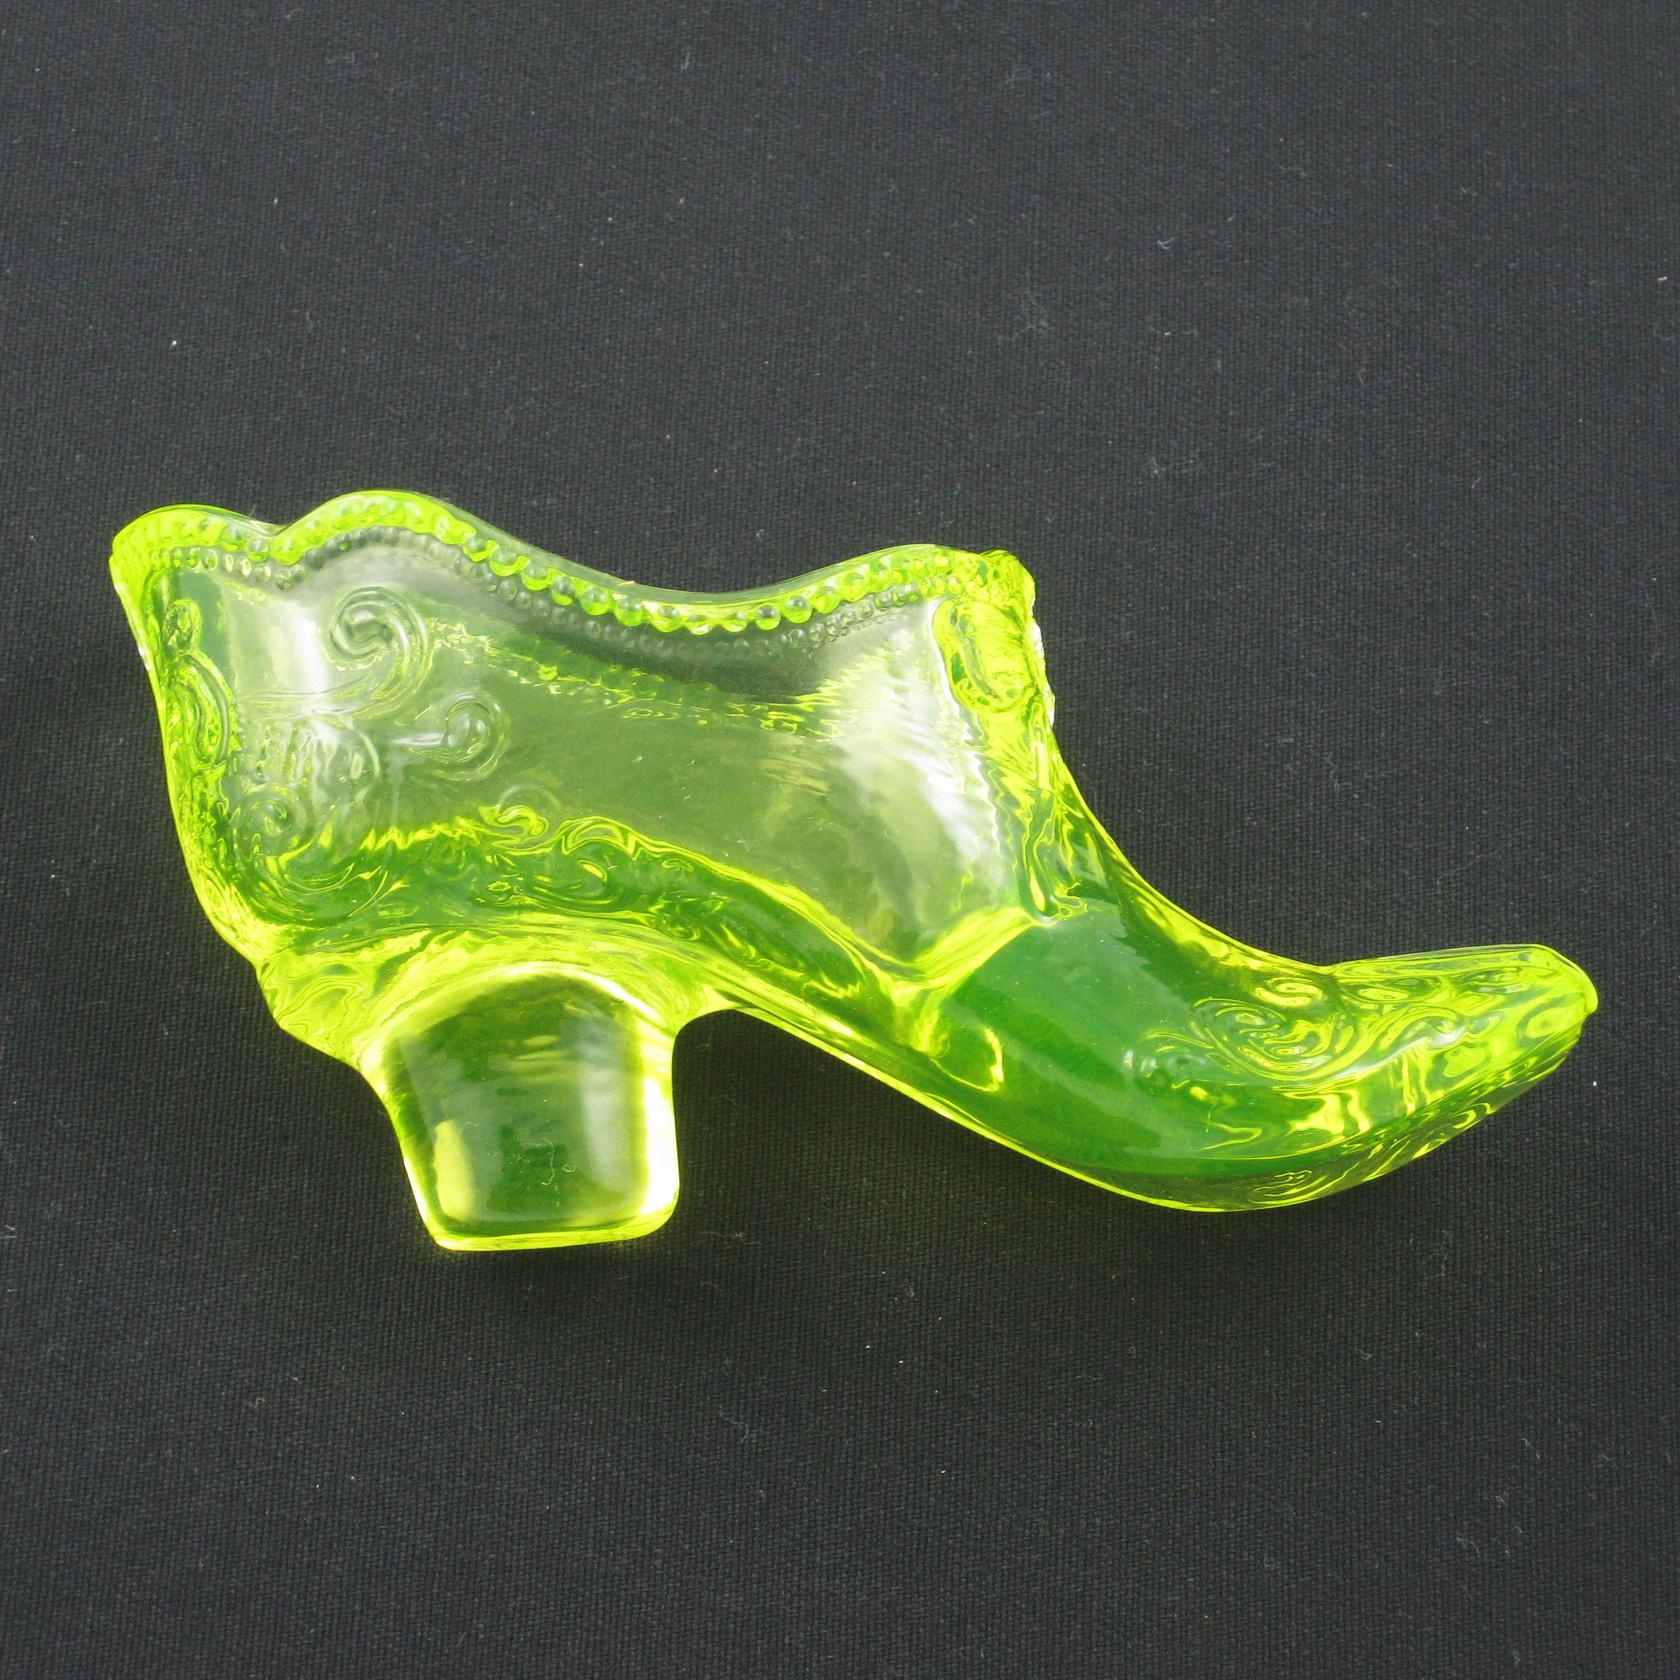 ab186d3493376 Mosser Vaseline Bow Slipper Vaseline Glass Shoe